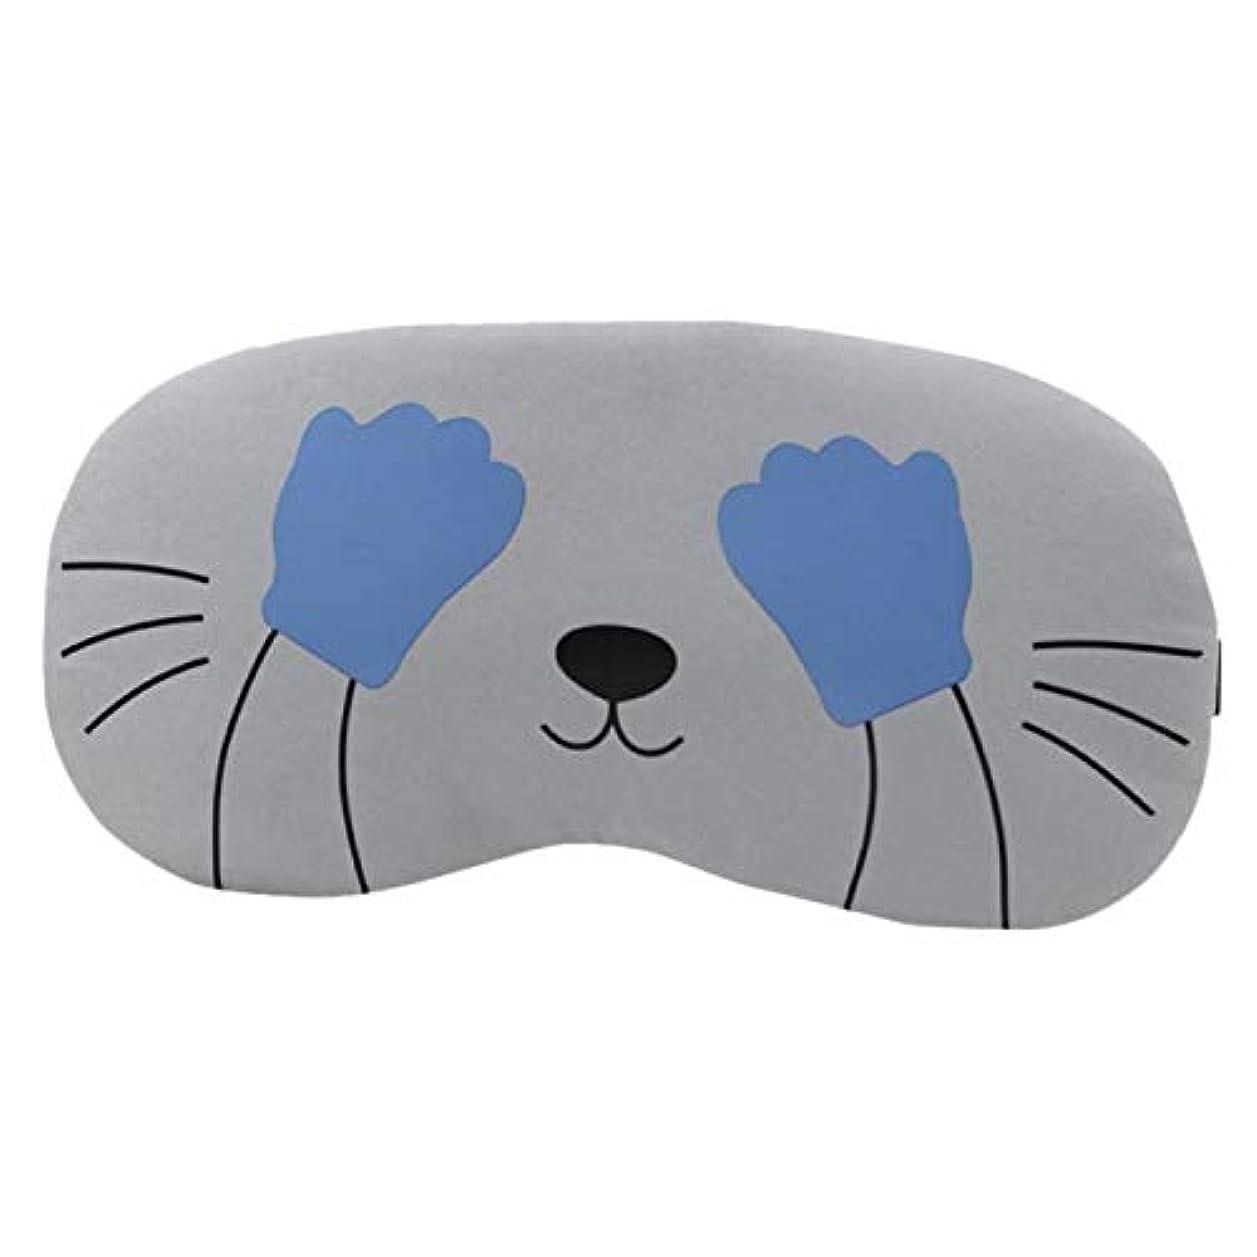 馬鹿げた農夫弱点NOTE Cutesleepingアイマスク漫画猫ソフトトラベルアイシェードカバー残りリラックス睡眠目隠しドロップシッピング2U0817